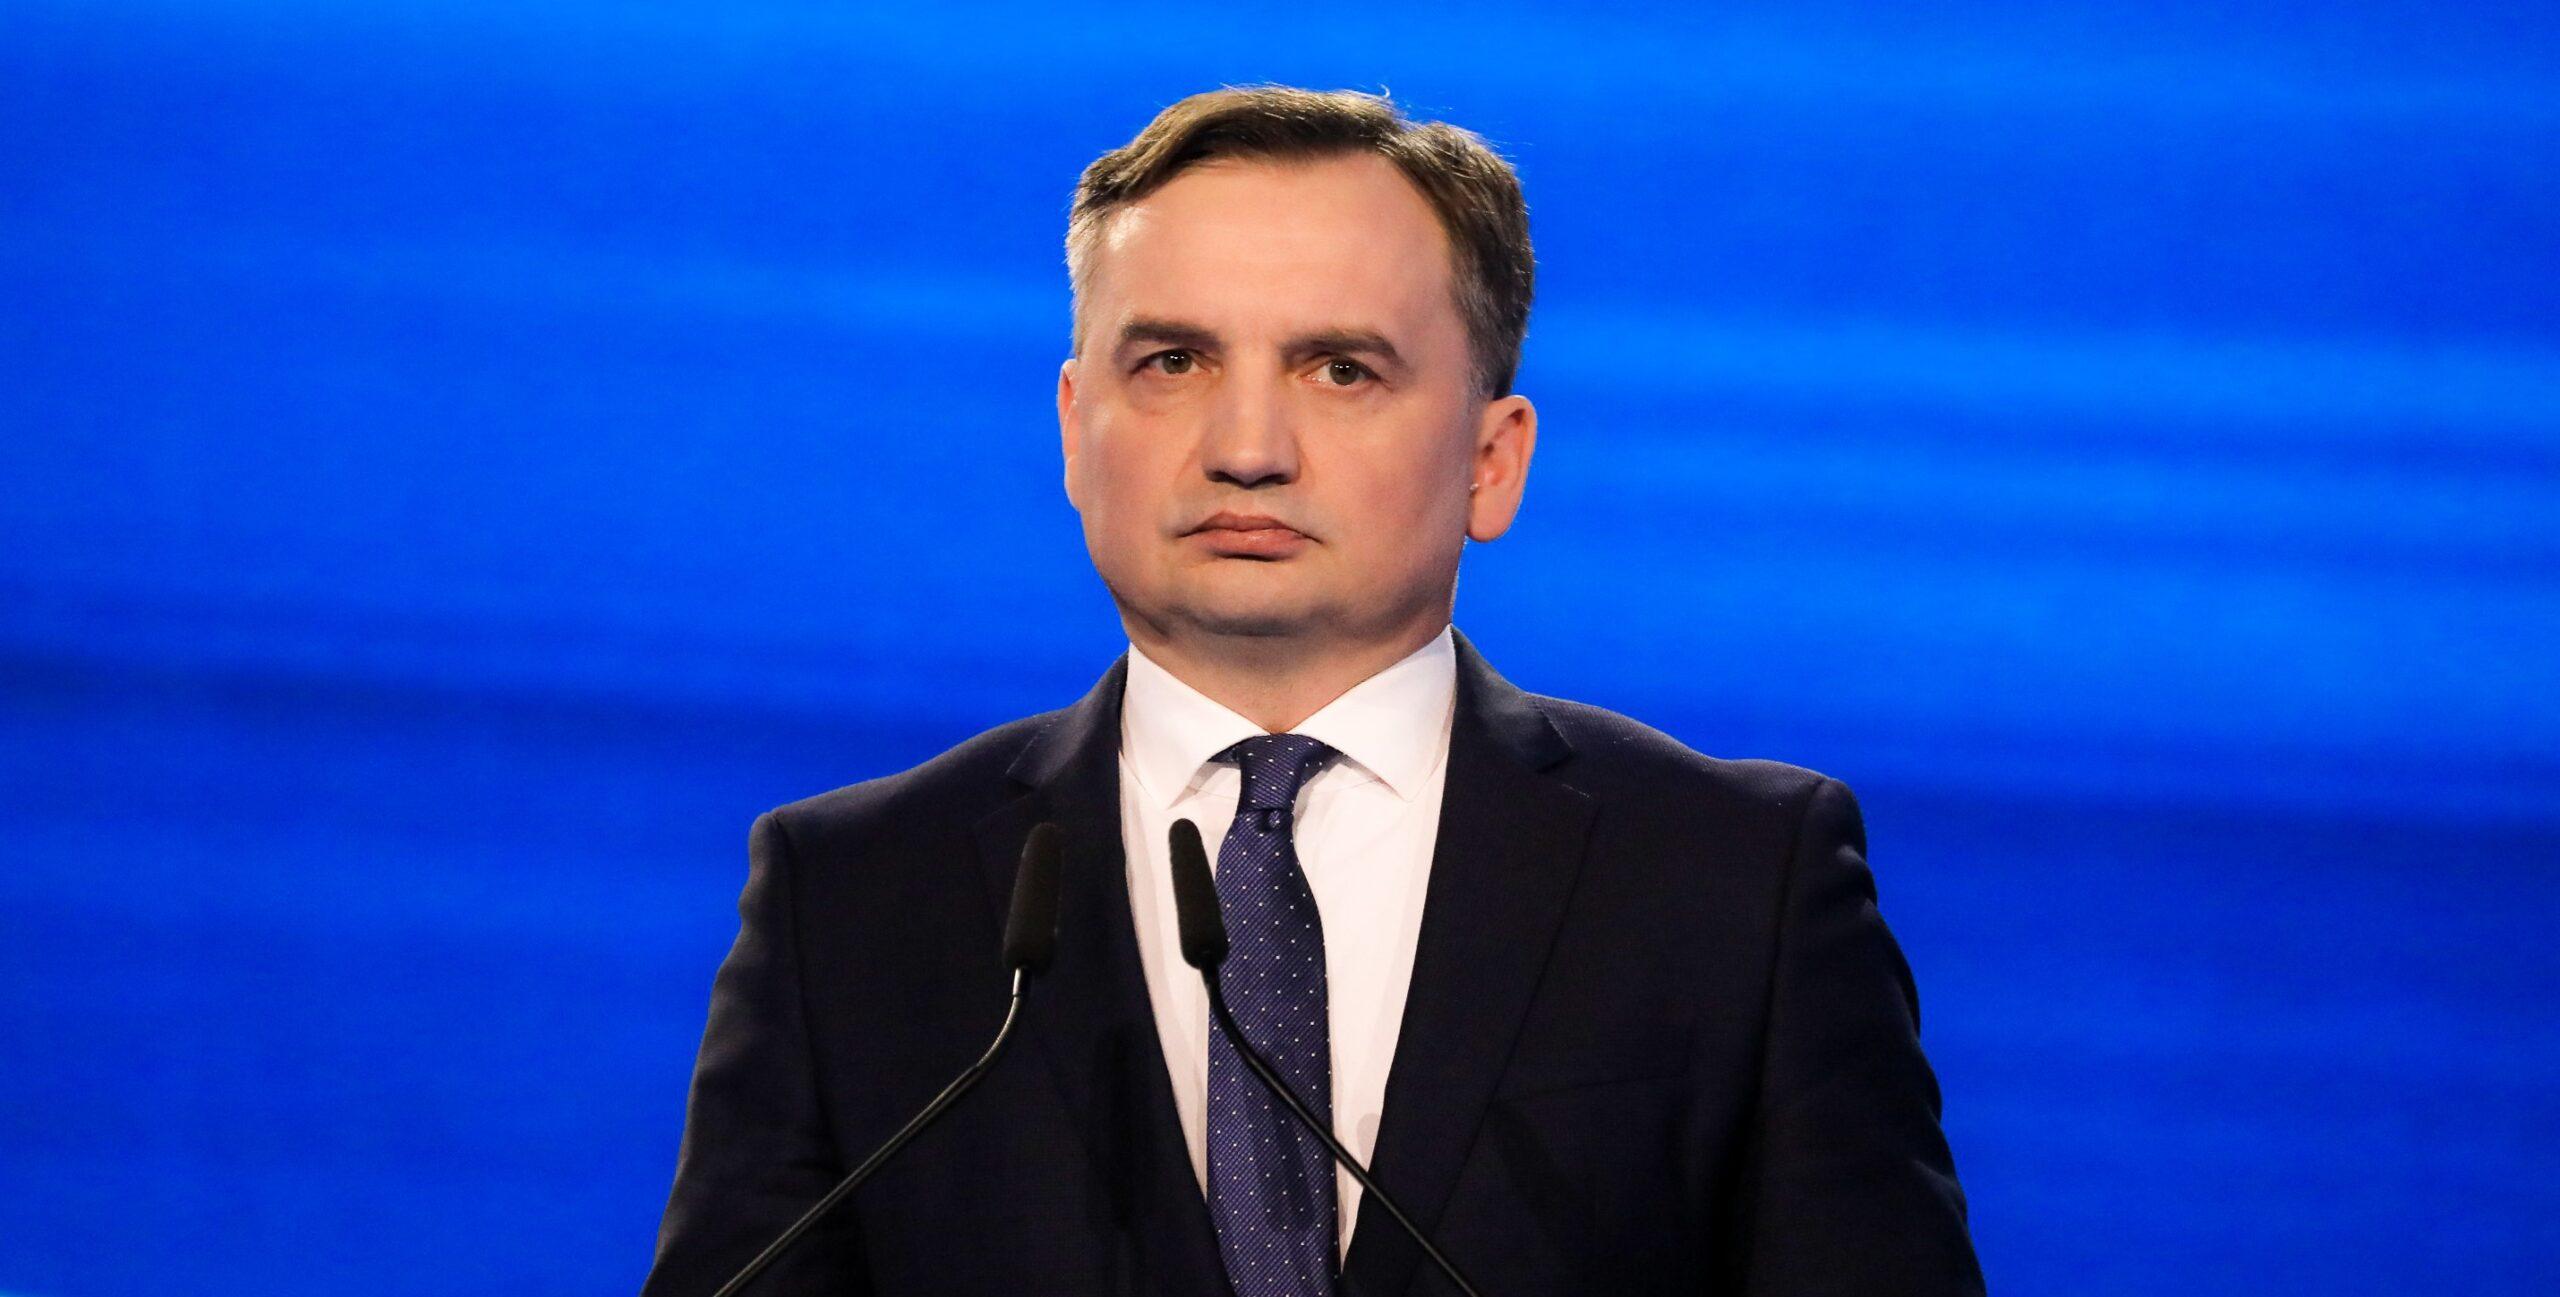 Polscy sędziowie wygrali z Ziobrą w Strasburgu